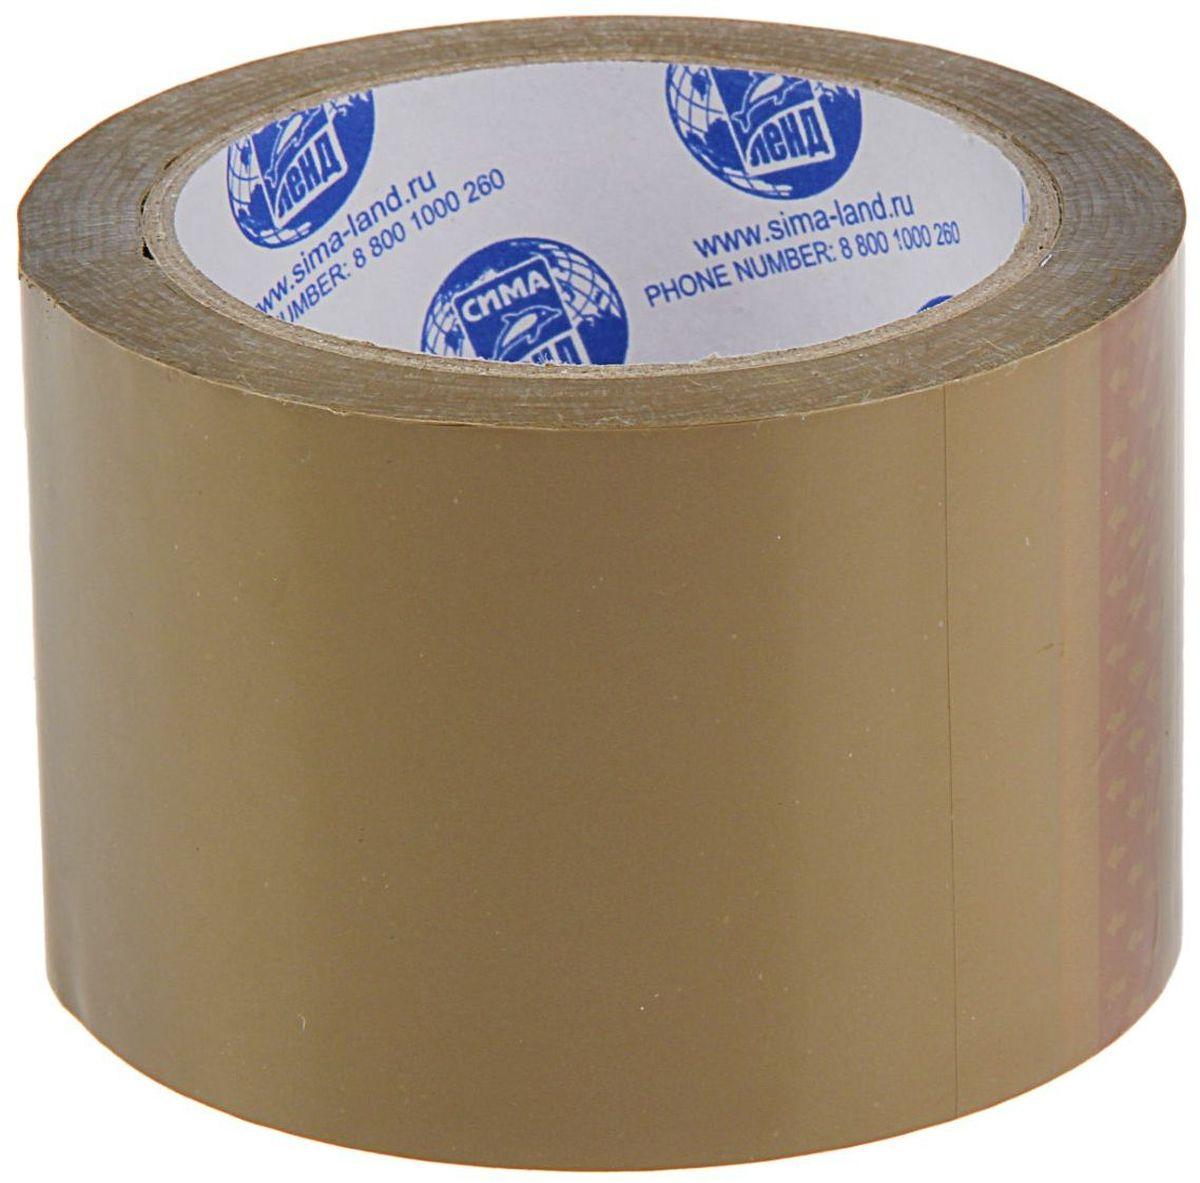 Клейкая лента 72 мм х 66 м цвет коричневый 12682141268214Упаковочная клейкая лента изготовлена из двуосноориентированного полипропилена (ВОРР) высокой прочности с нанесением клеевого слоя с одной стороны ленты. Она универсальна и используется, в основном, для заклейки гофрокоробов, оклеивания различных грузов, обернутых в стрейч-пленку или в полиэтиленовую пленку. Не следует клеить ленту непосредственно на неупакованную продукцию, так как следы клея плохо отмываются.